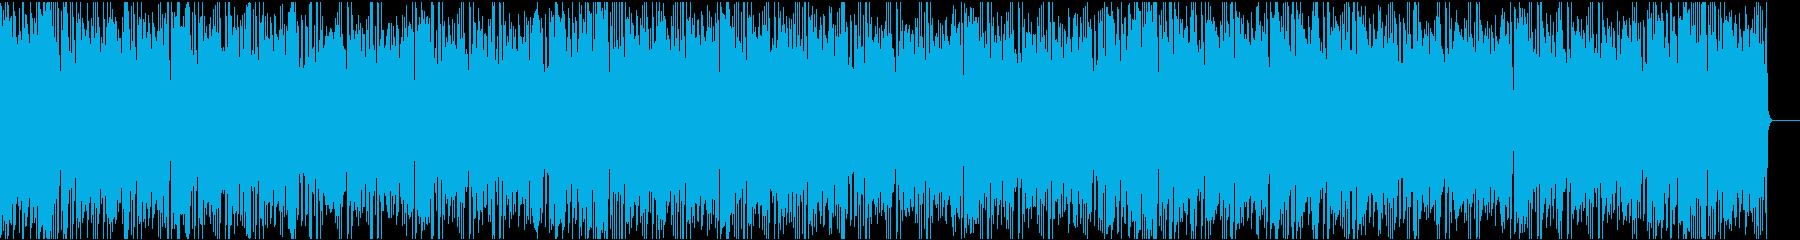 かわいいコミカル/イントロ8秒の再生済みの波形